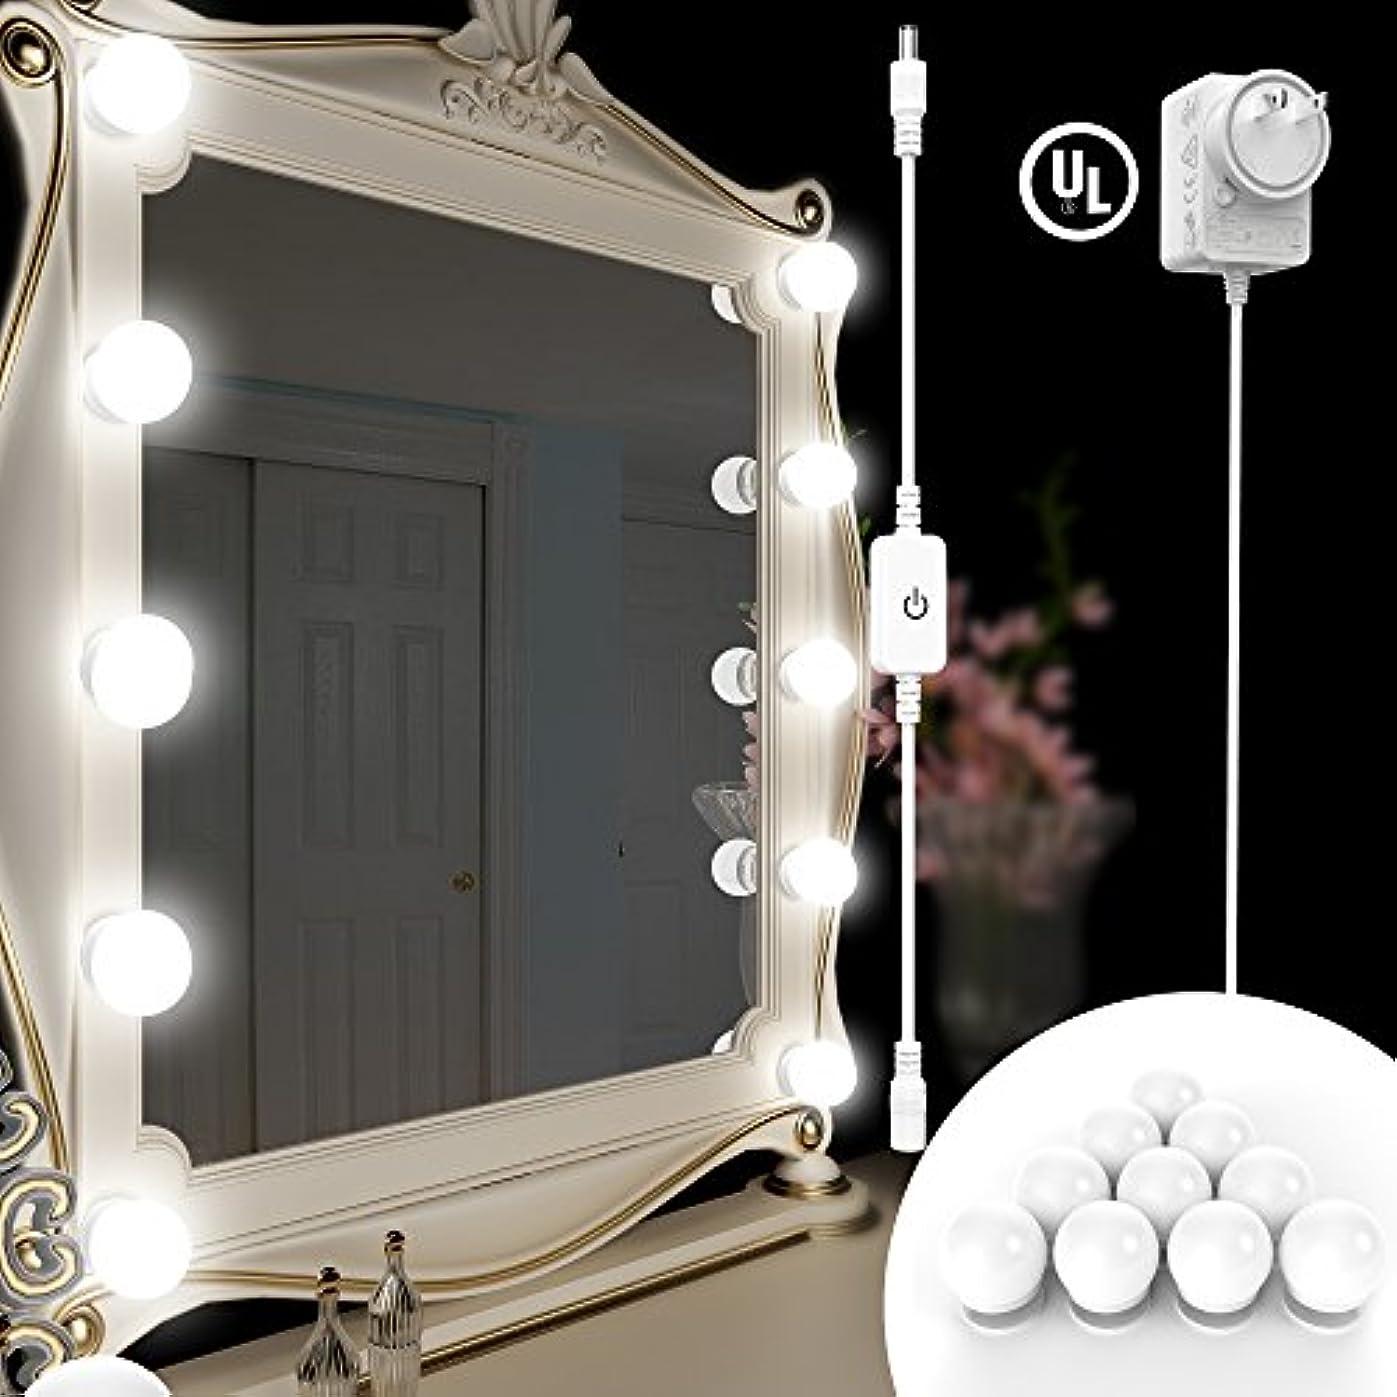 ゲージ実際の簡略化するBlueFire DIY 化粧鏡 LEDライト 女優ミラーライト ハリウッドライト ドレッサーライト 10個LED電球 明るさ調節可能 全長3.6M 隠し配線 メイクアップミラーライト バニティミラーライトキット